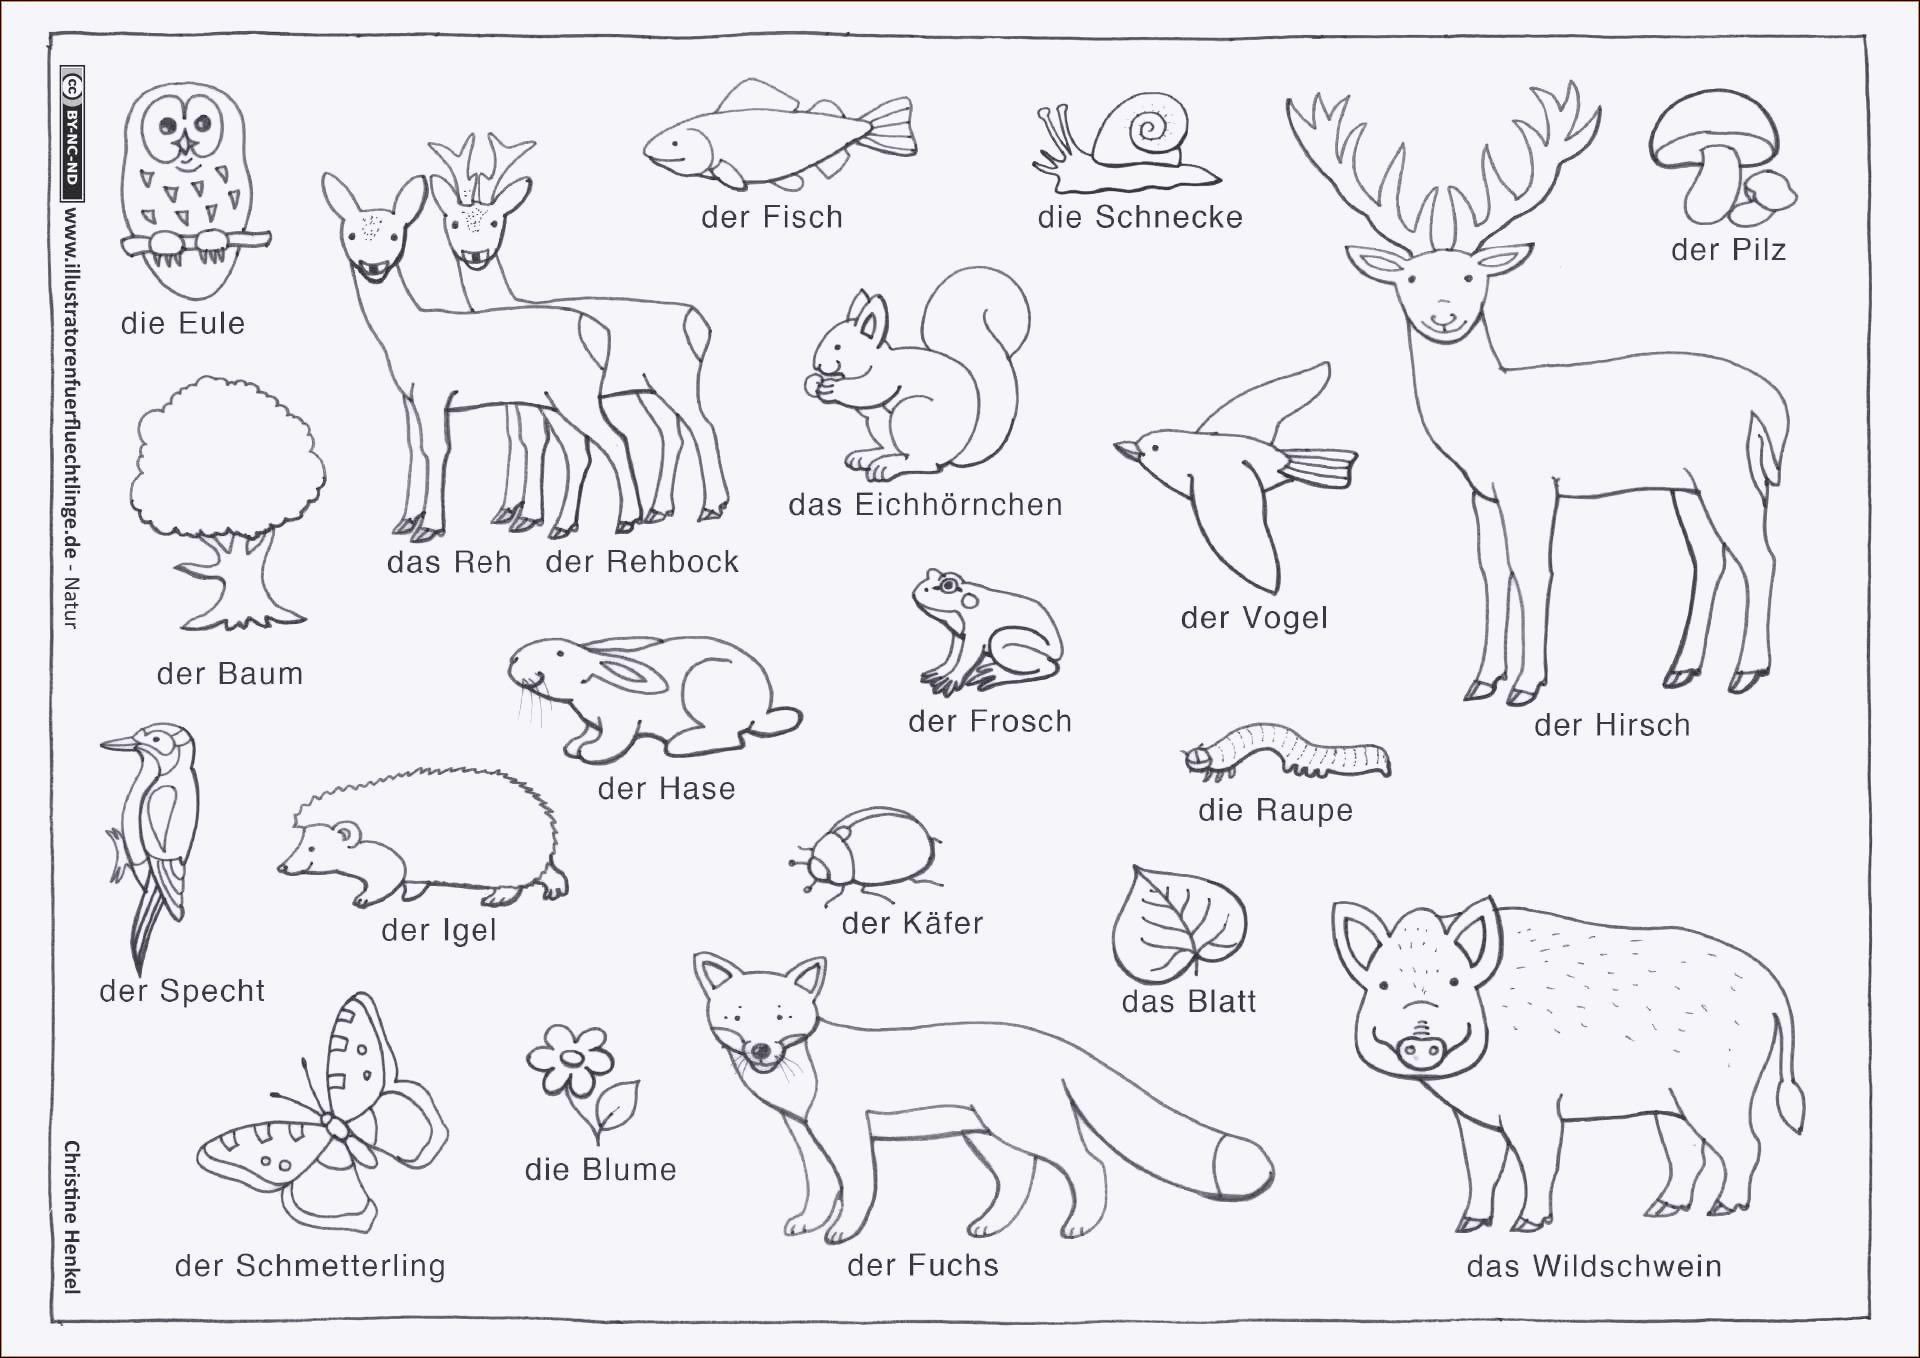 Ausmalbilder Herbst Tiere Inspirierend Malvorlagen Herbst Eichhornchen Sammlung